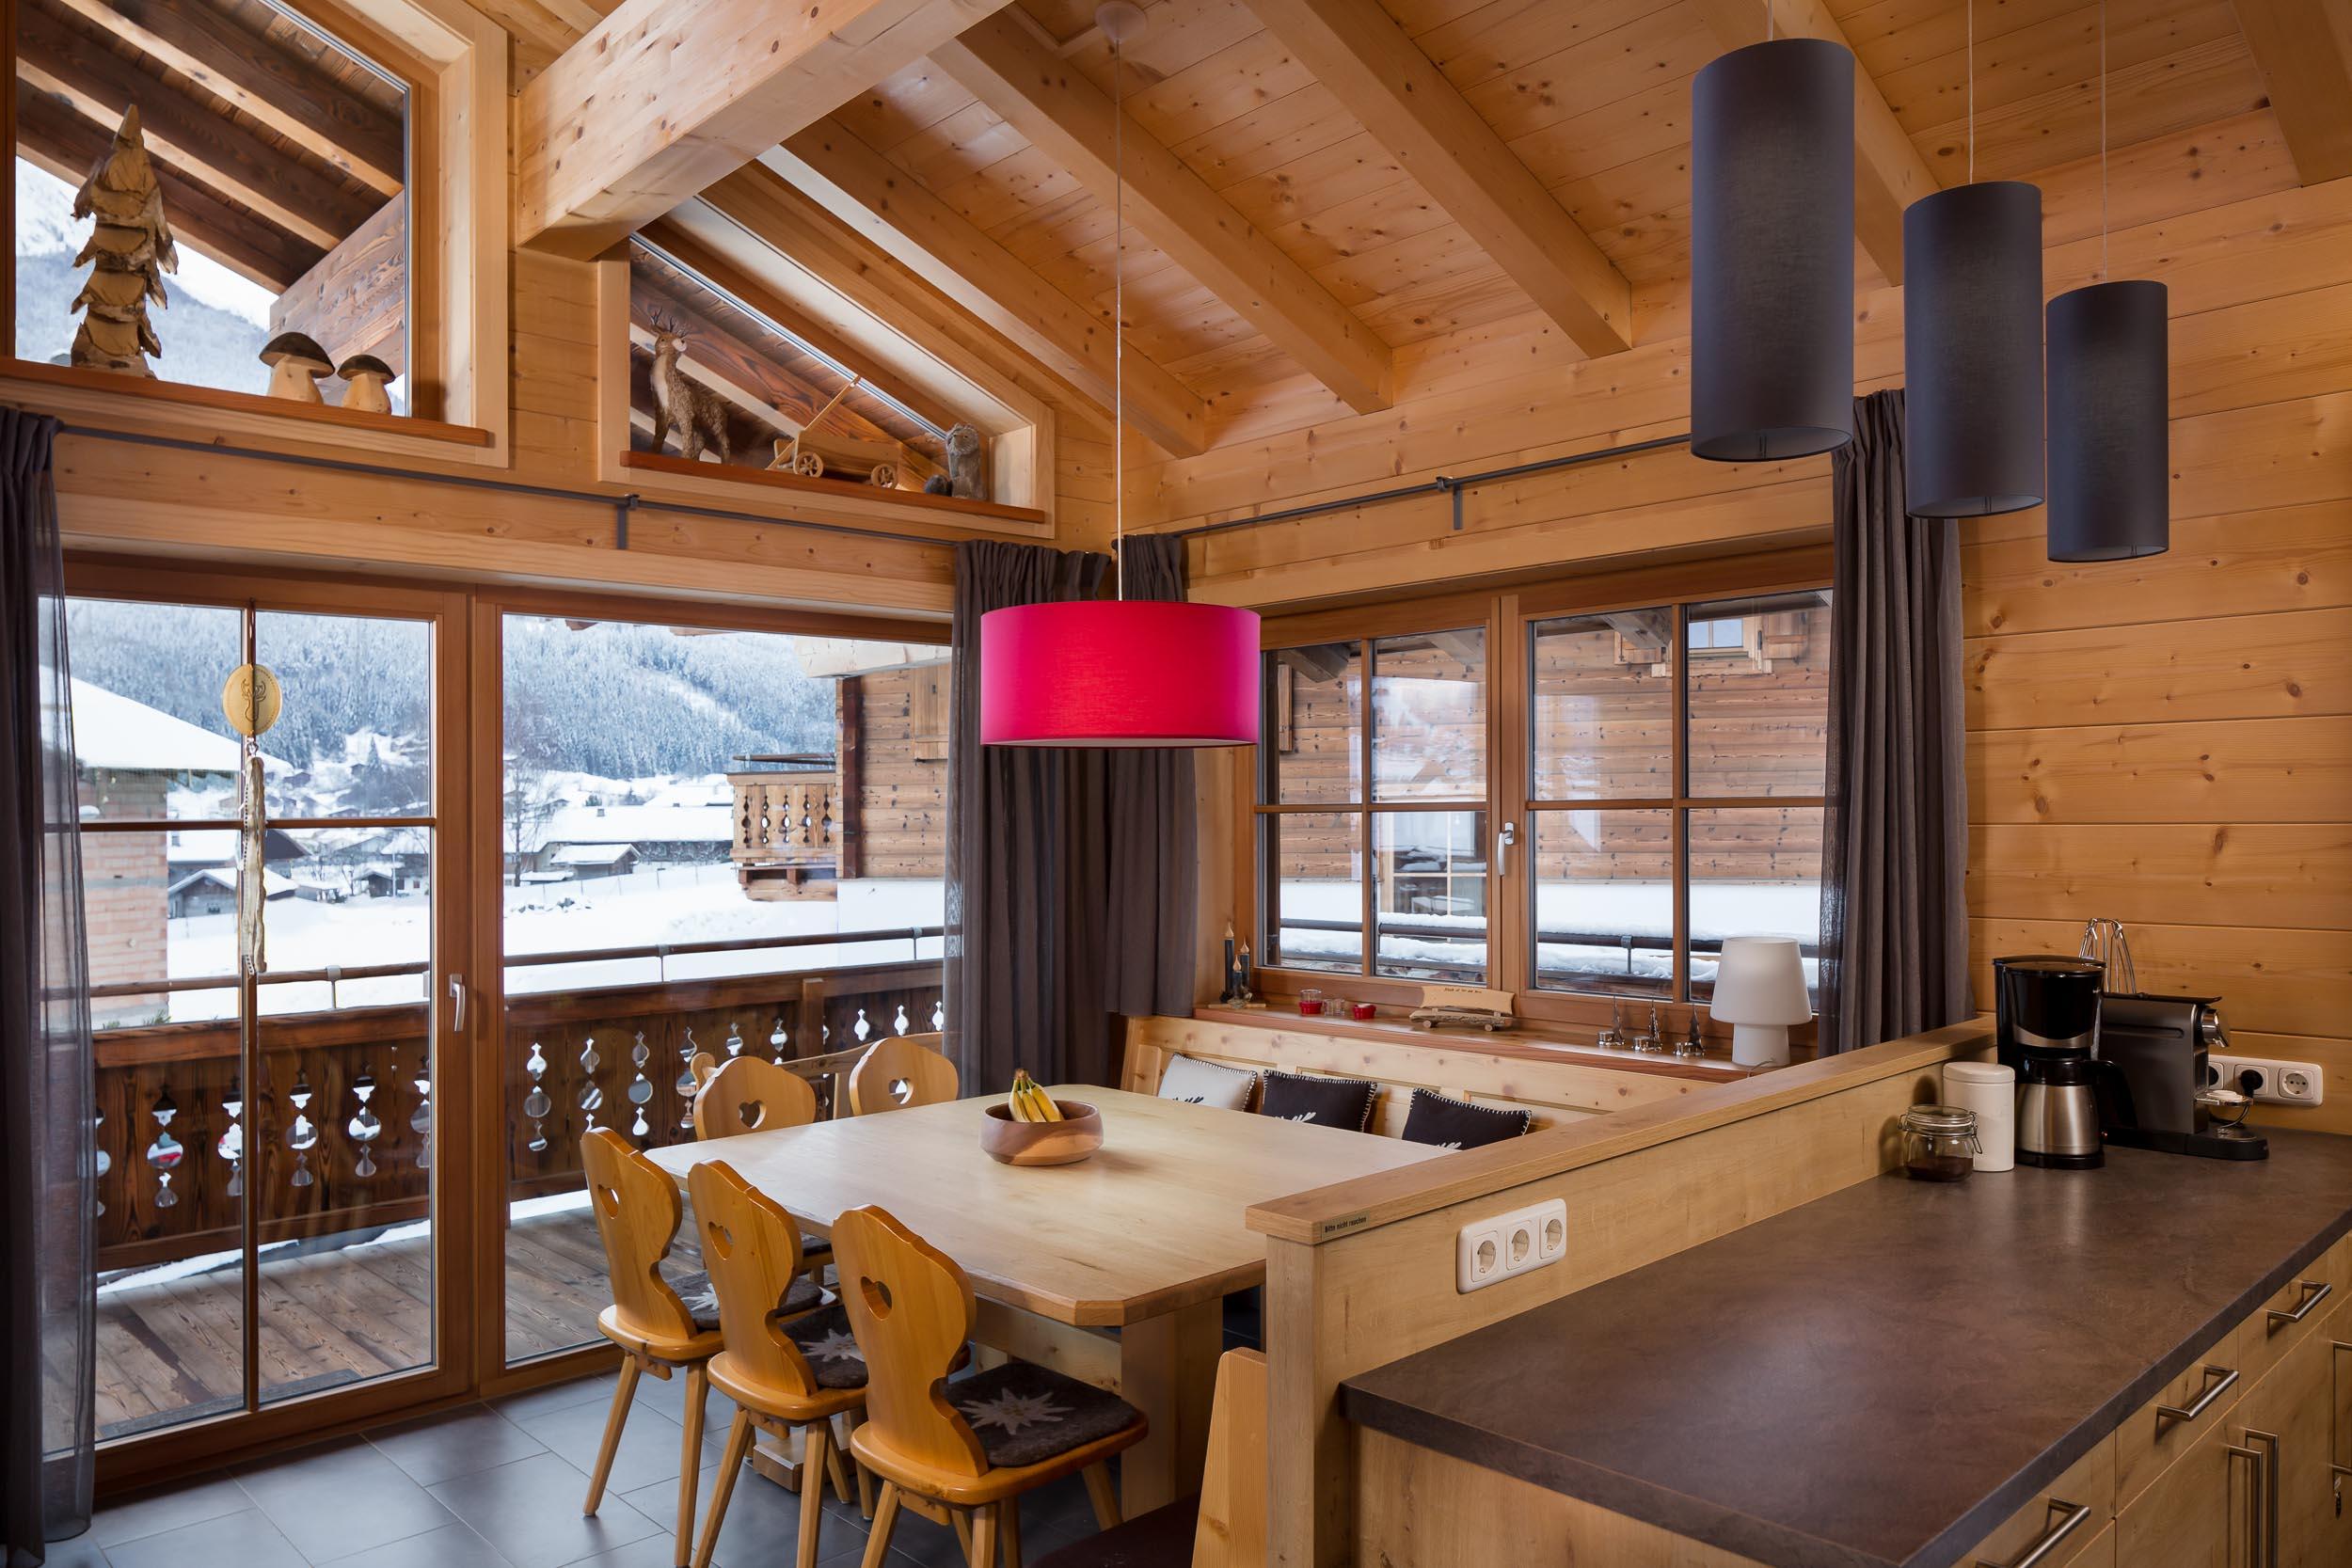 chalet austria snow mountains ski snowboard.jpg